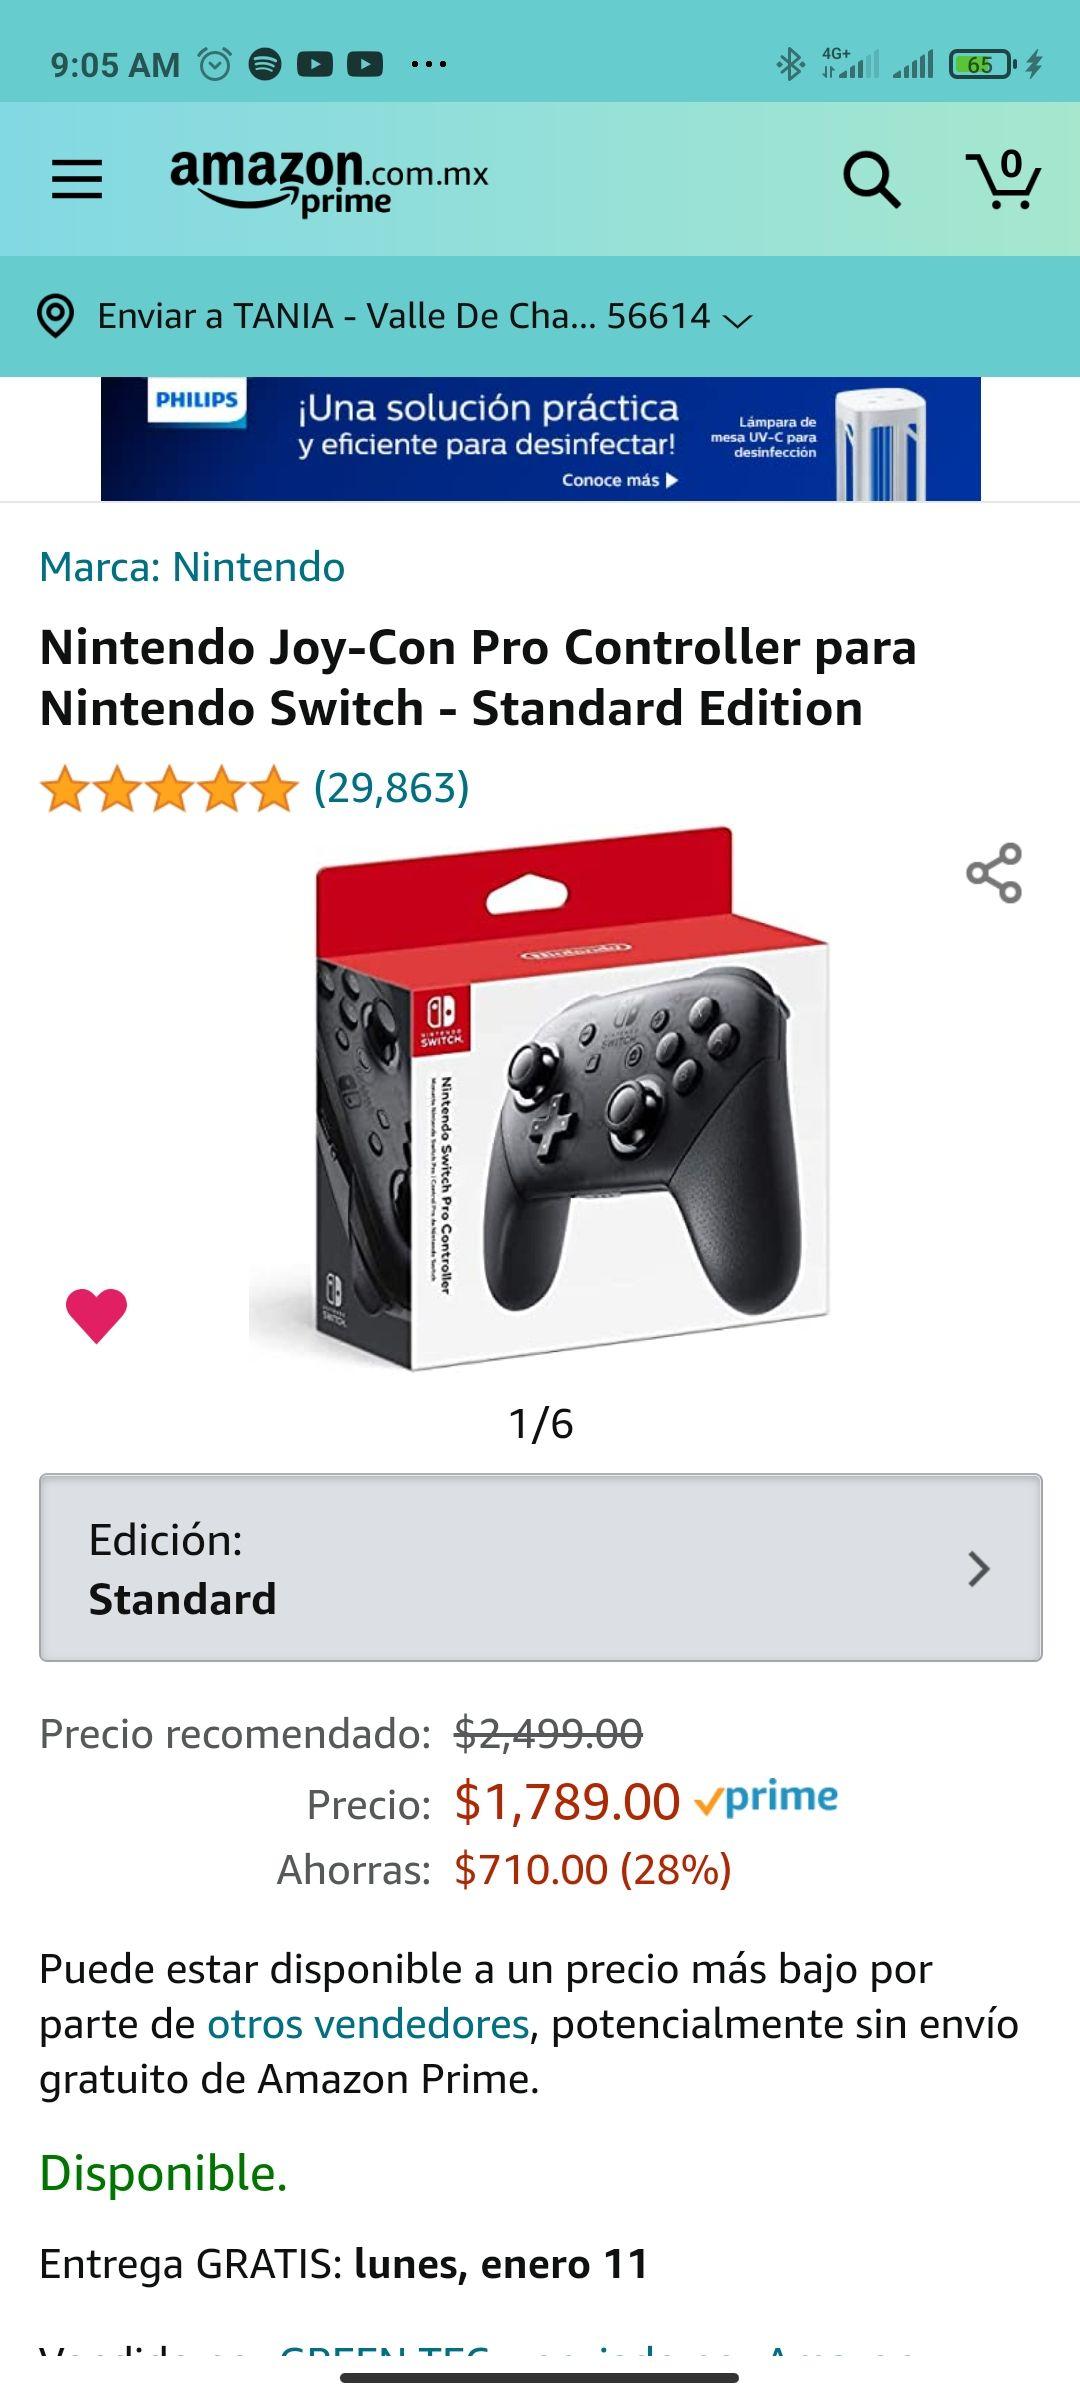 Amazon Nintendo Joy-Con Pro Controller para Nintendo Switch - Standard Edition